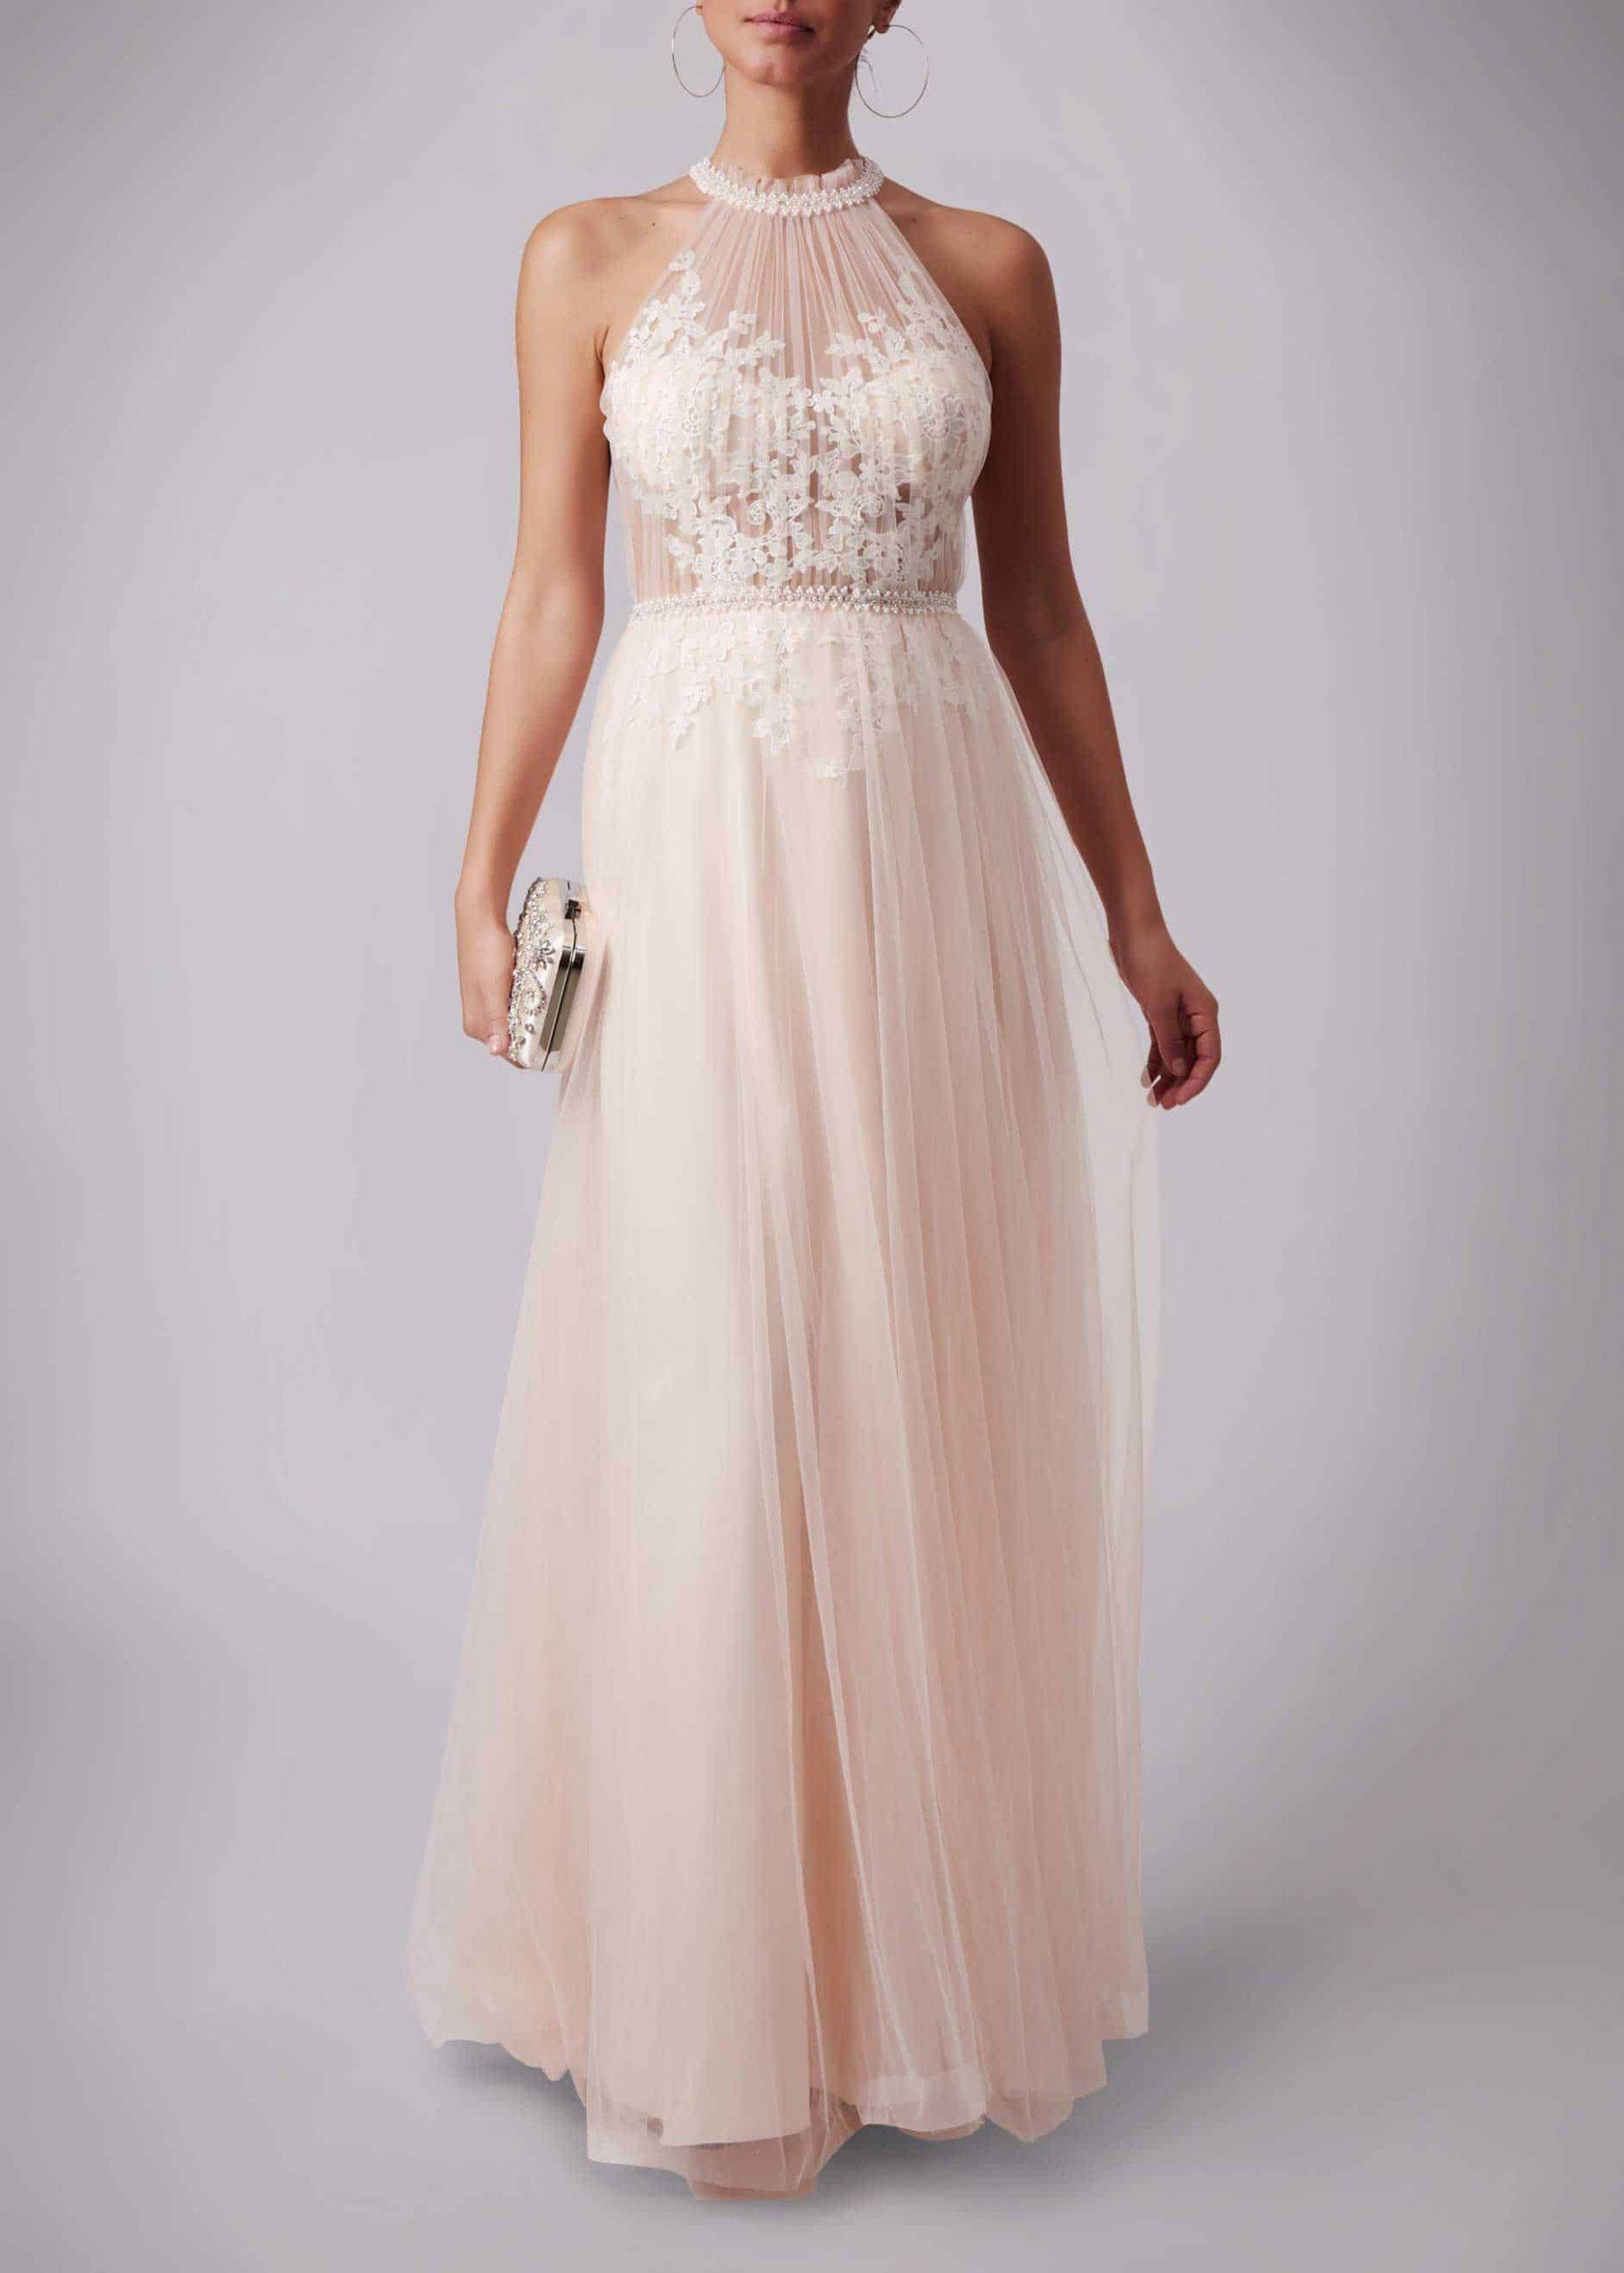 Formal Einfach Abendkleider Neckholder BoutiqueFormal Top Abendkleider Neckholder Spezialgebiet